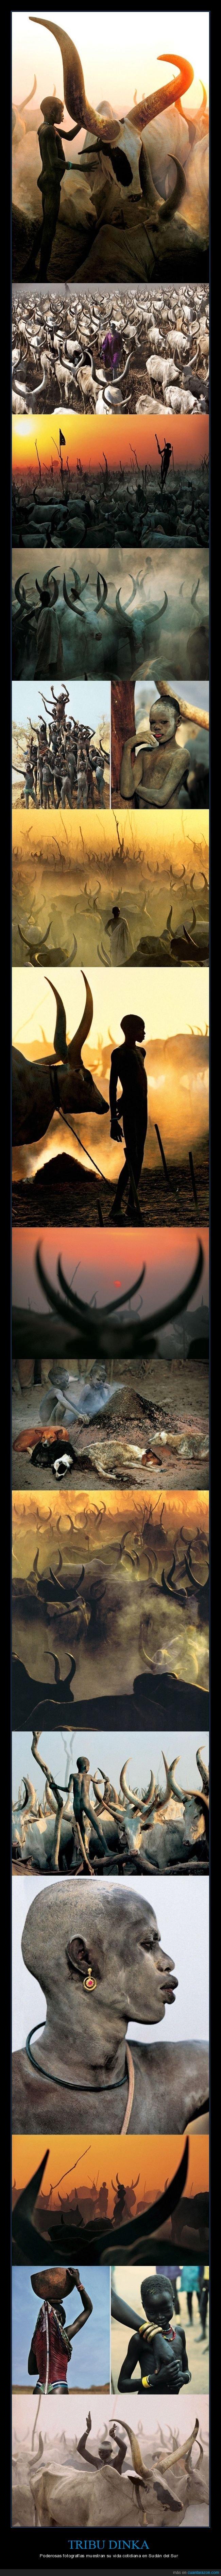 fotografía,sudán del sur,tribu dinka